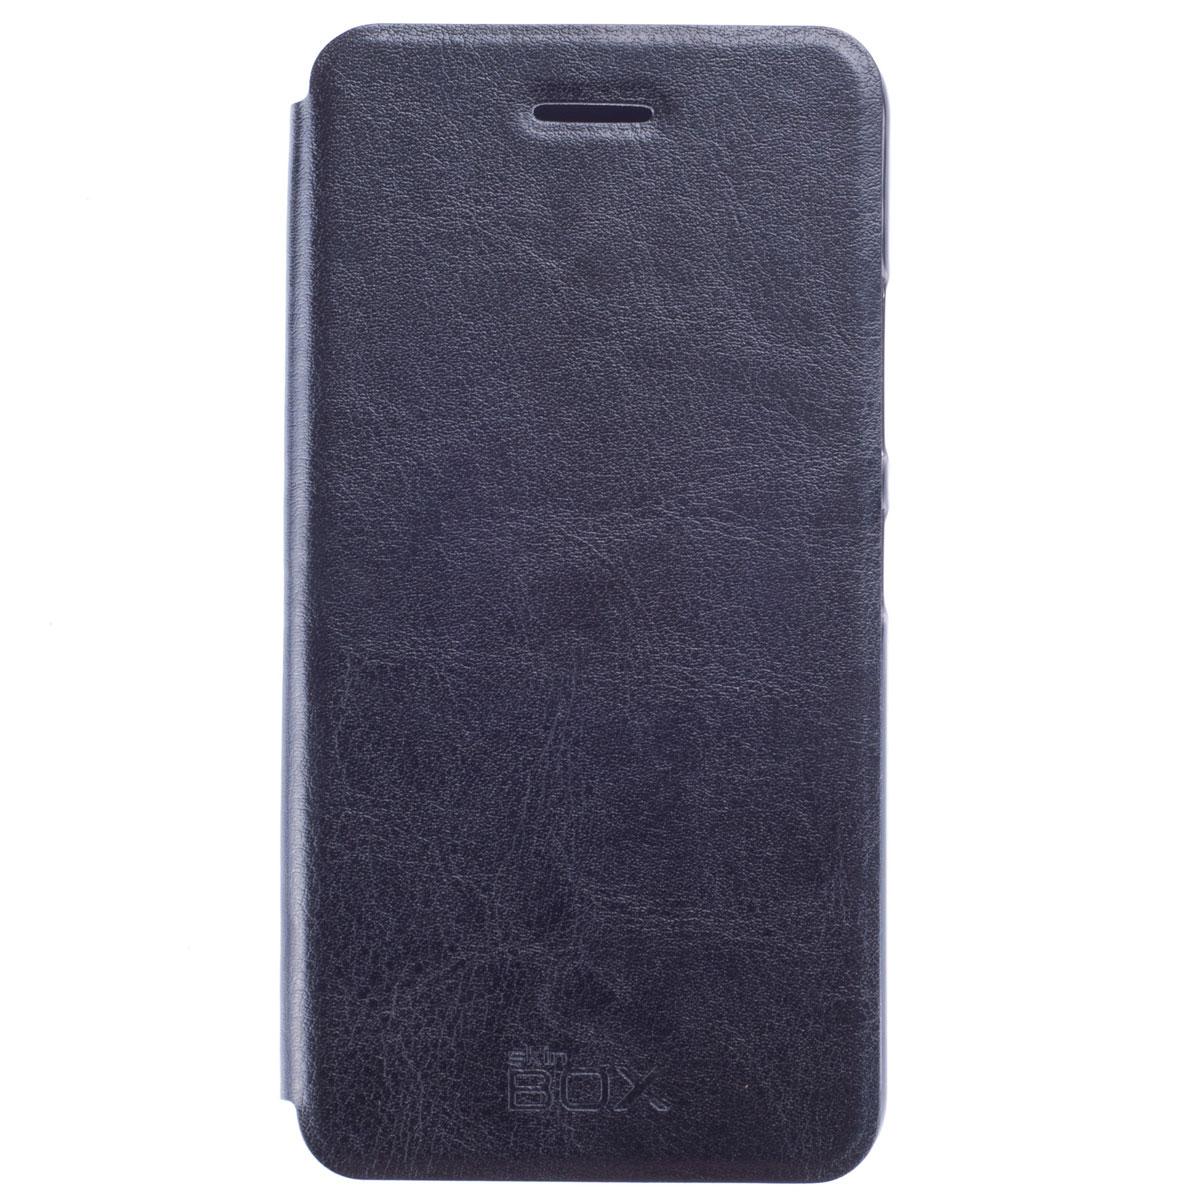 Skinbox Lux чехол для Lenovo S60, BlackT-S-LS60Чехол Skinbox Lux выполнен из высококачественного поликарбоната и экокожи. Он обеспечивает надежную защиту корпуса и экрана смартфона и надолго сохраняет его привлекательный внешний вид. Чехол также обеспечивает свободный доступ ко всем разъемам и клавишам устройства.